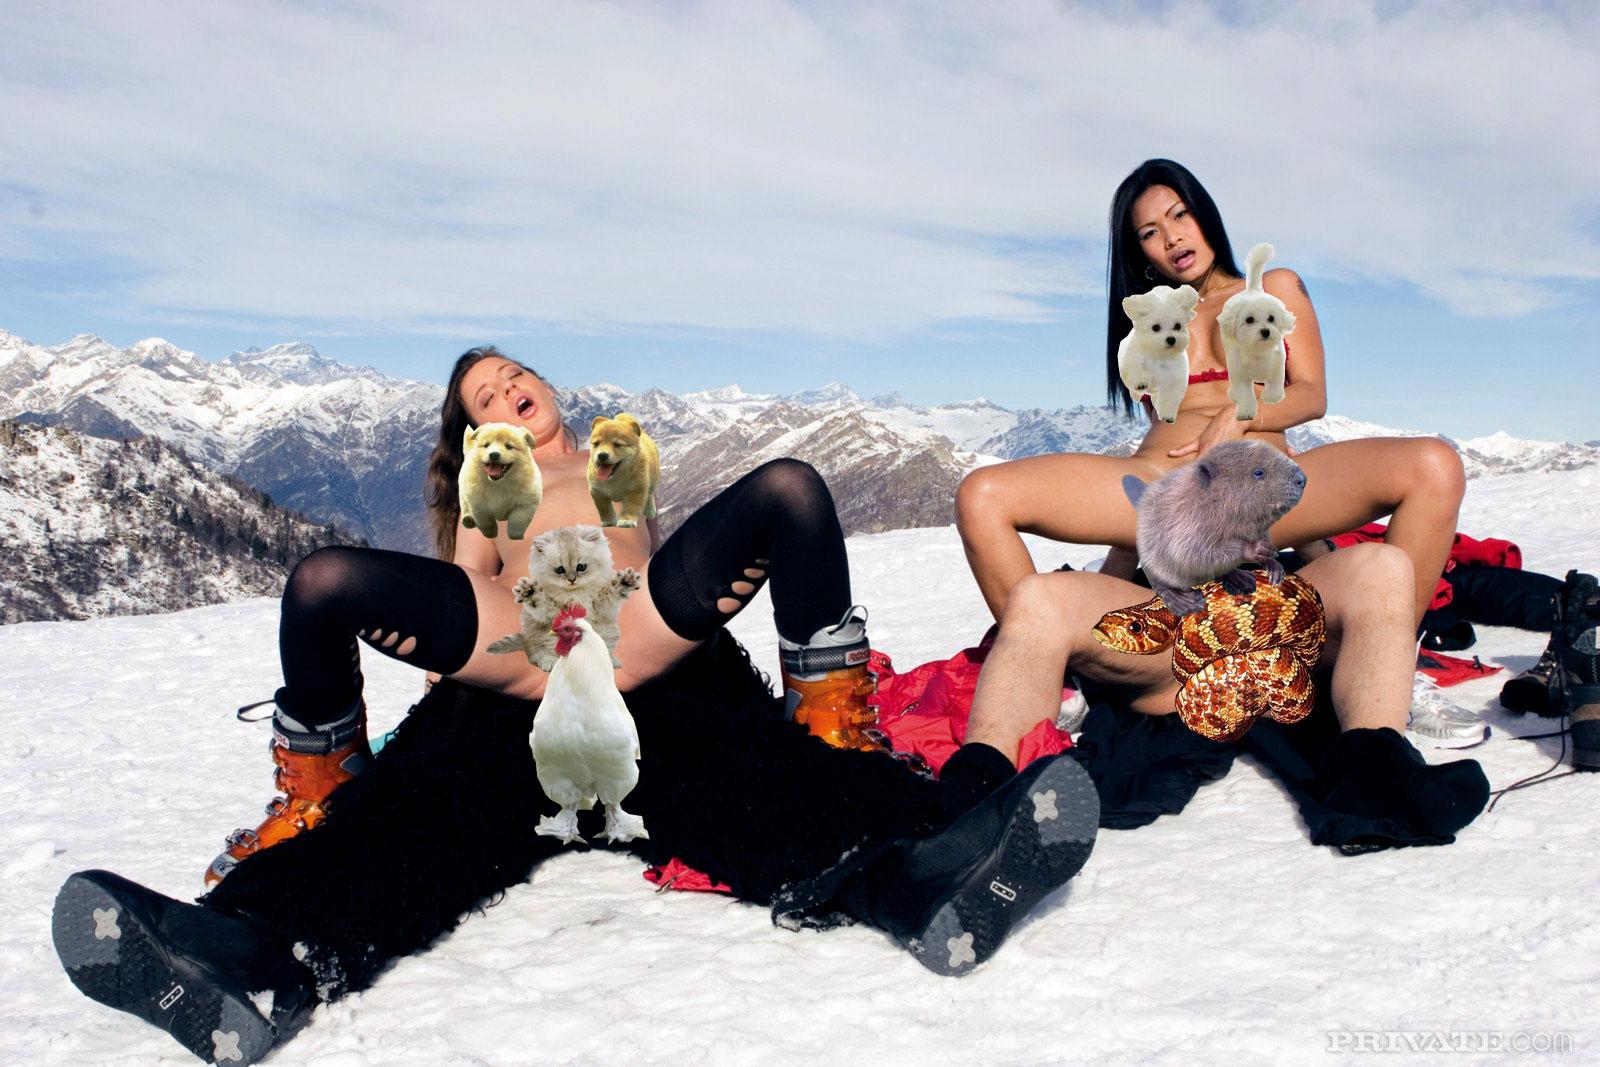 неблагополучными голые лыжницы порно видео потом